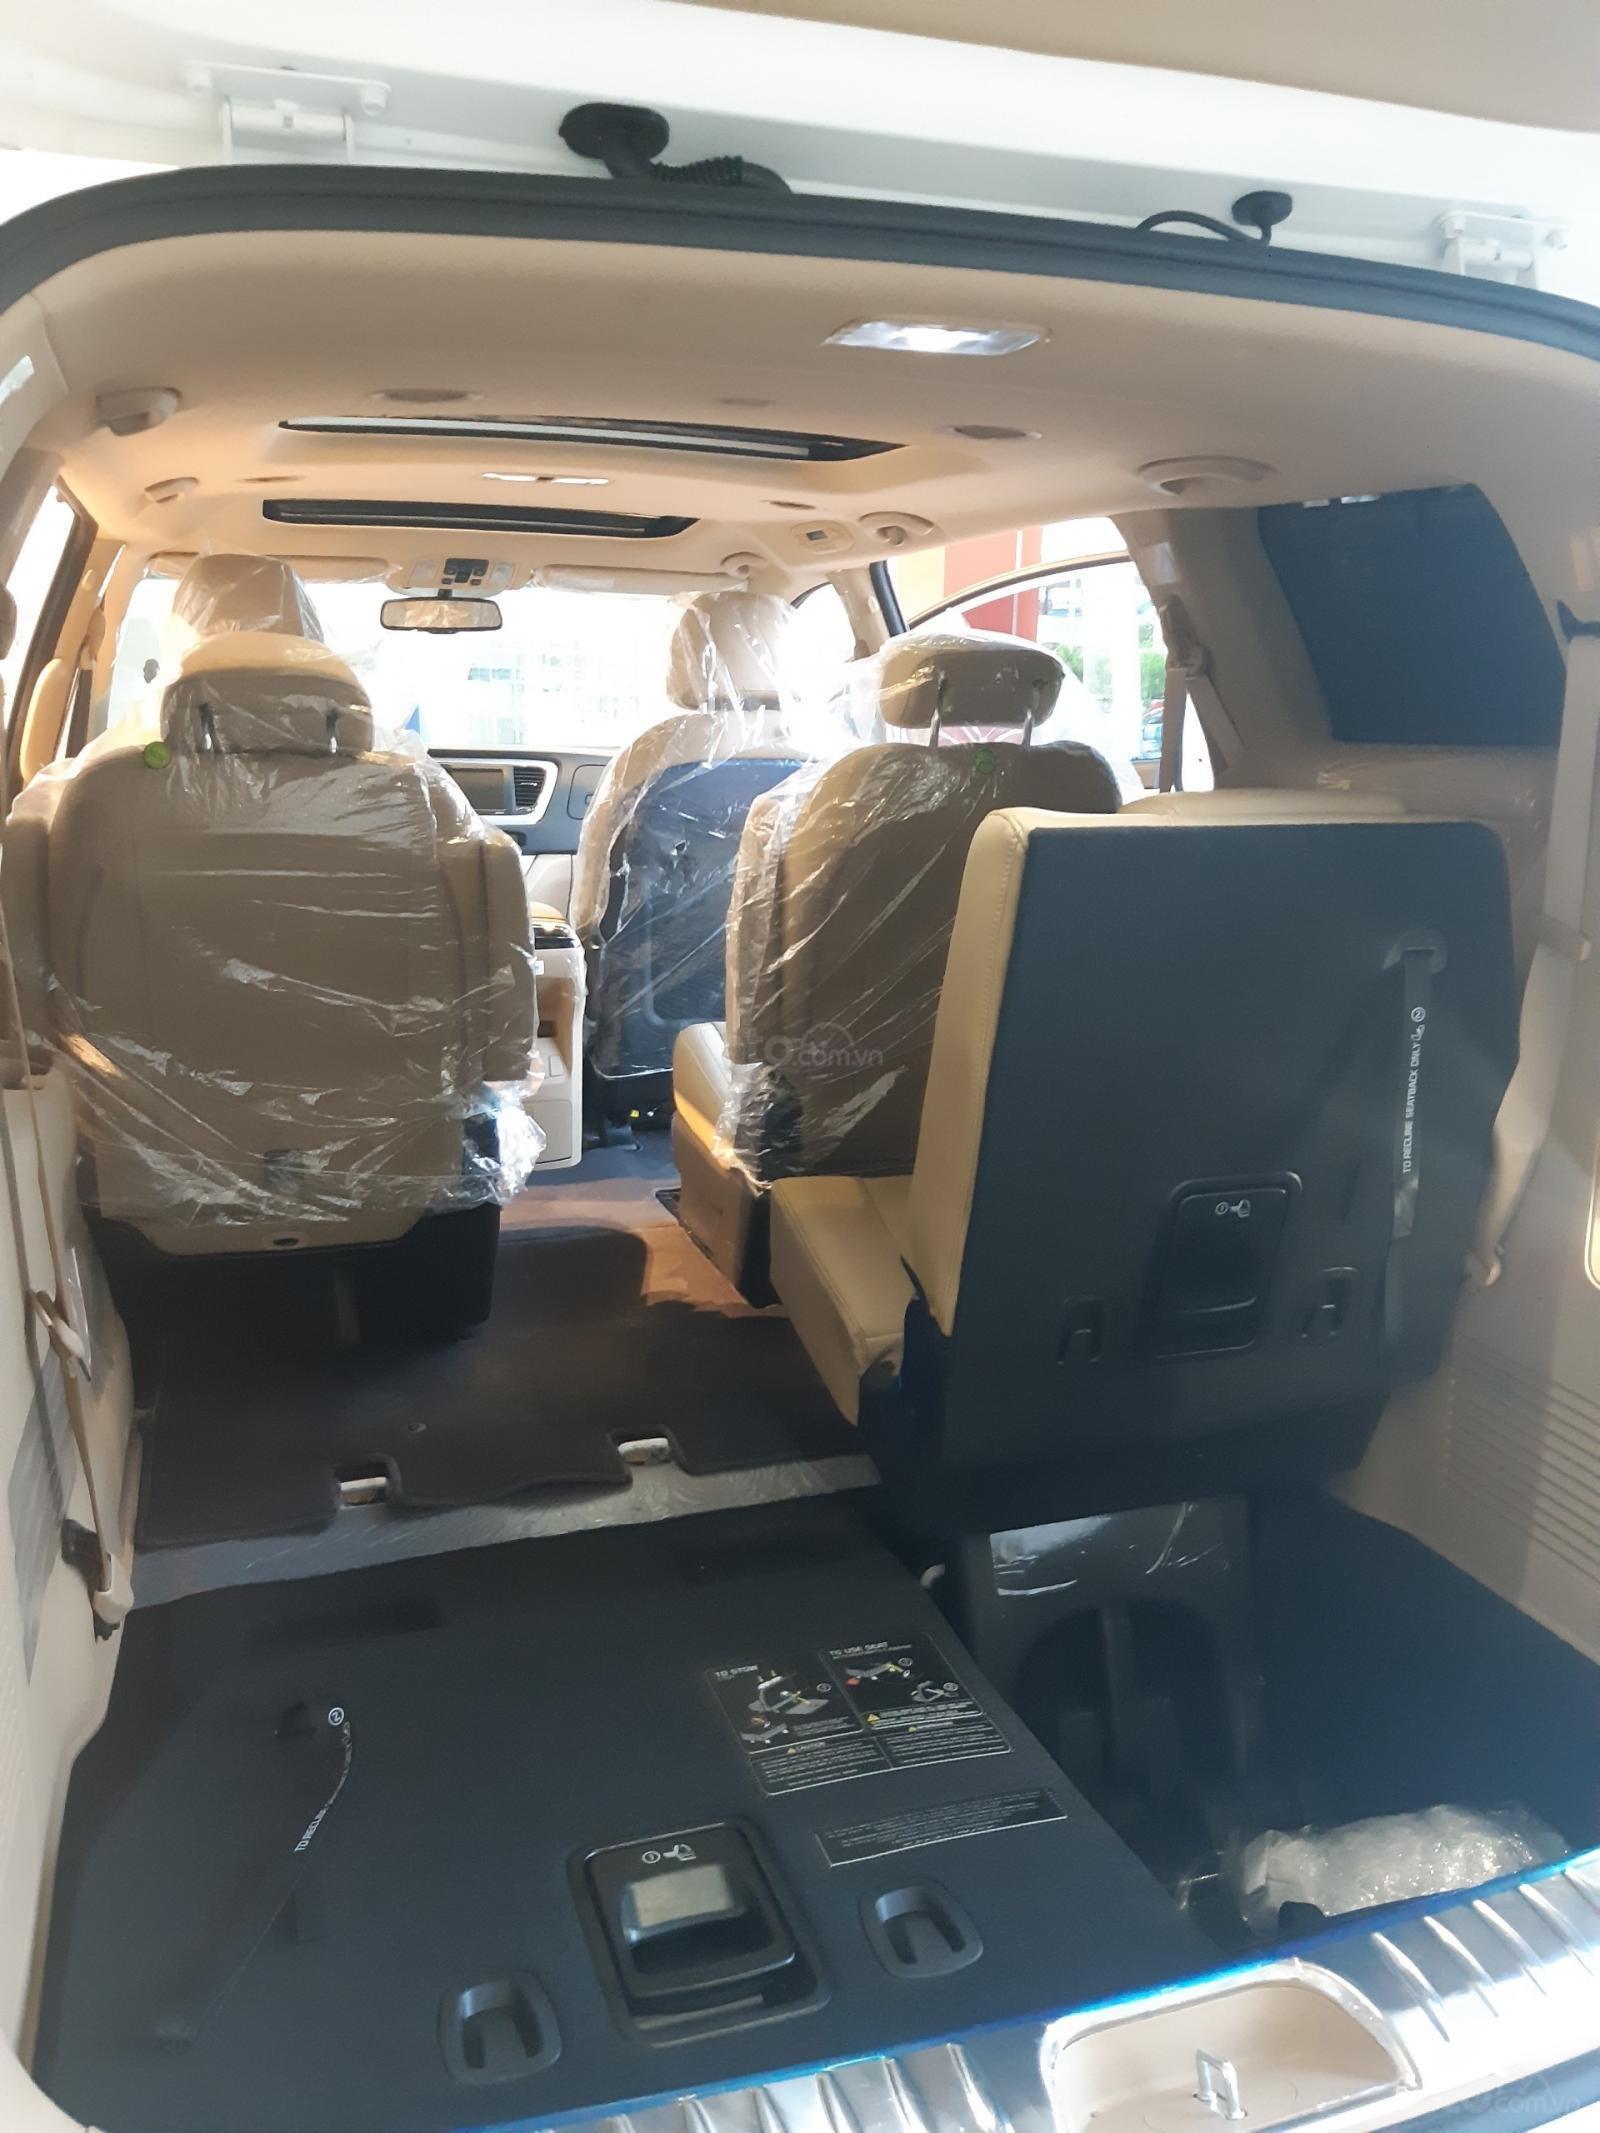 Kia Sedona Luxury - Giảm giá tiền mặt + Tặng bảo hiểm thân vỏ + Tặng camera - Liên hệ PKD Kia Thảo Điền 0961.563.593 (12)